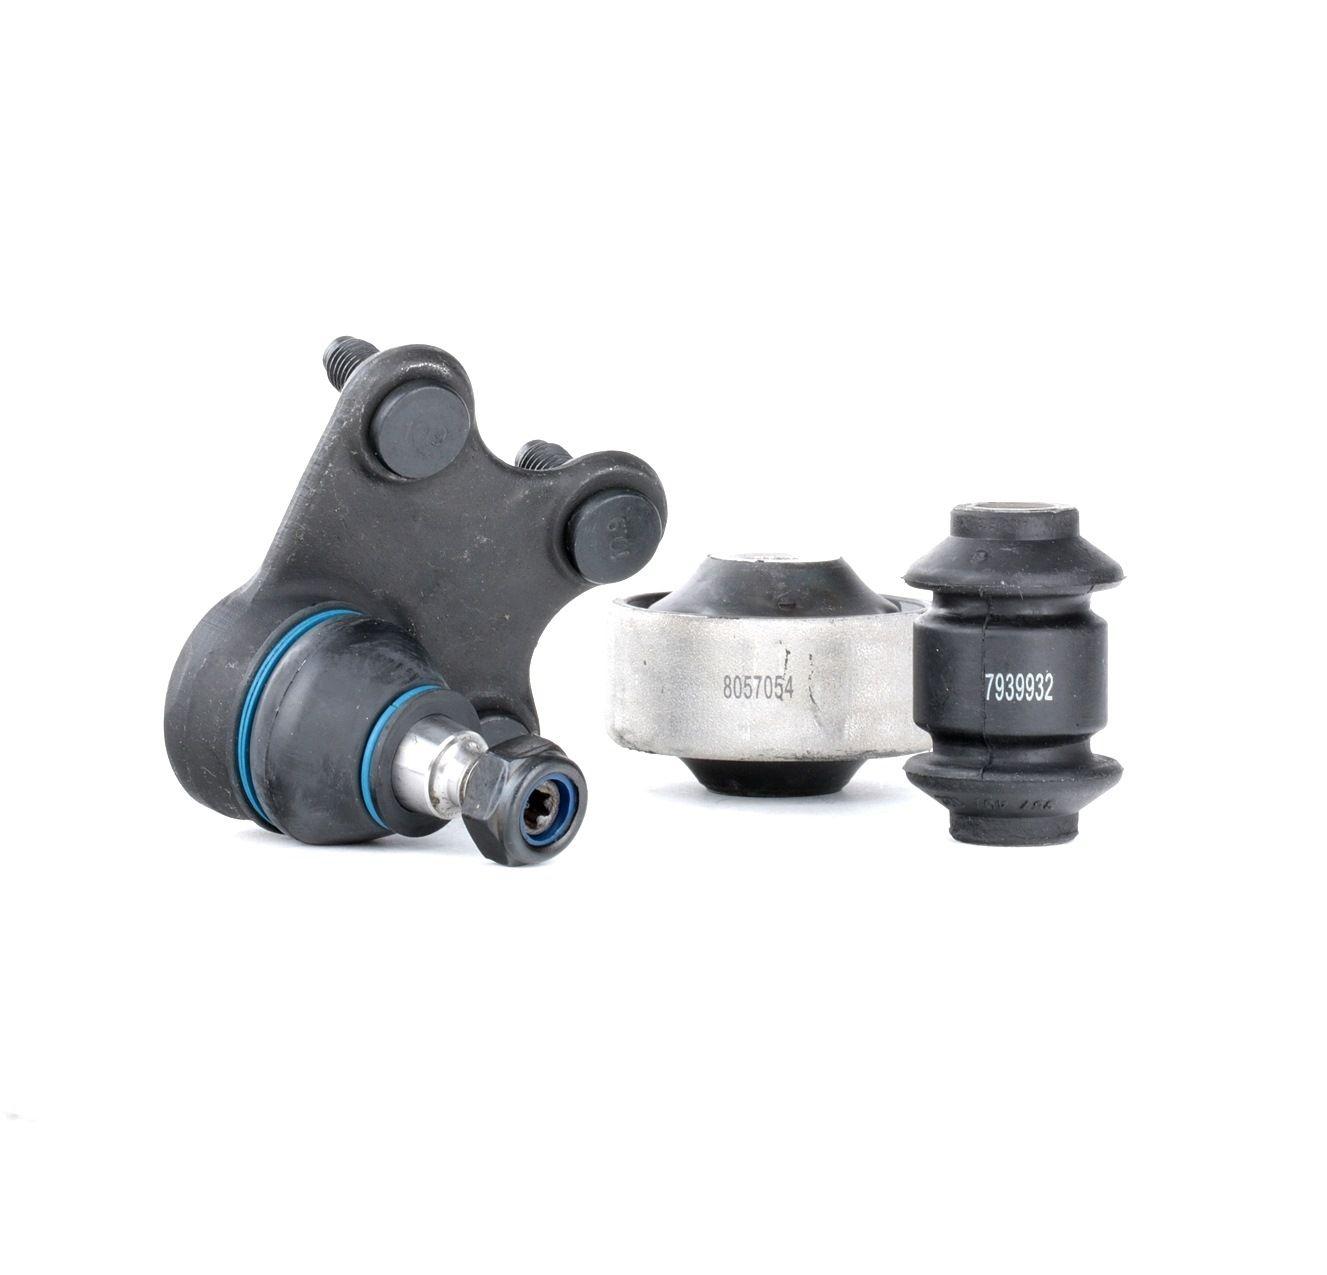 Achetez Kits de réparation STARK SKRKW-4960012 () à un rapport qualité-prix exceptionnel